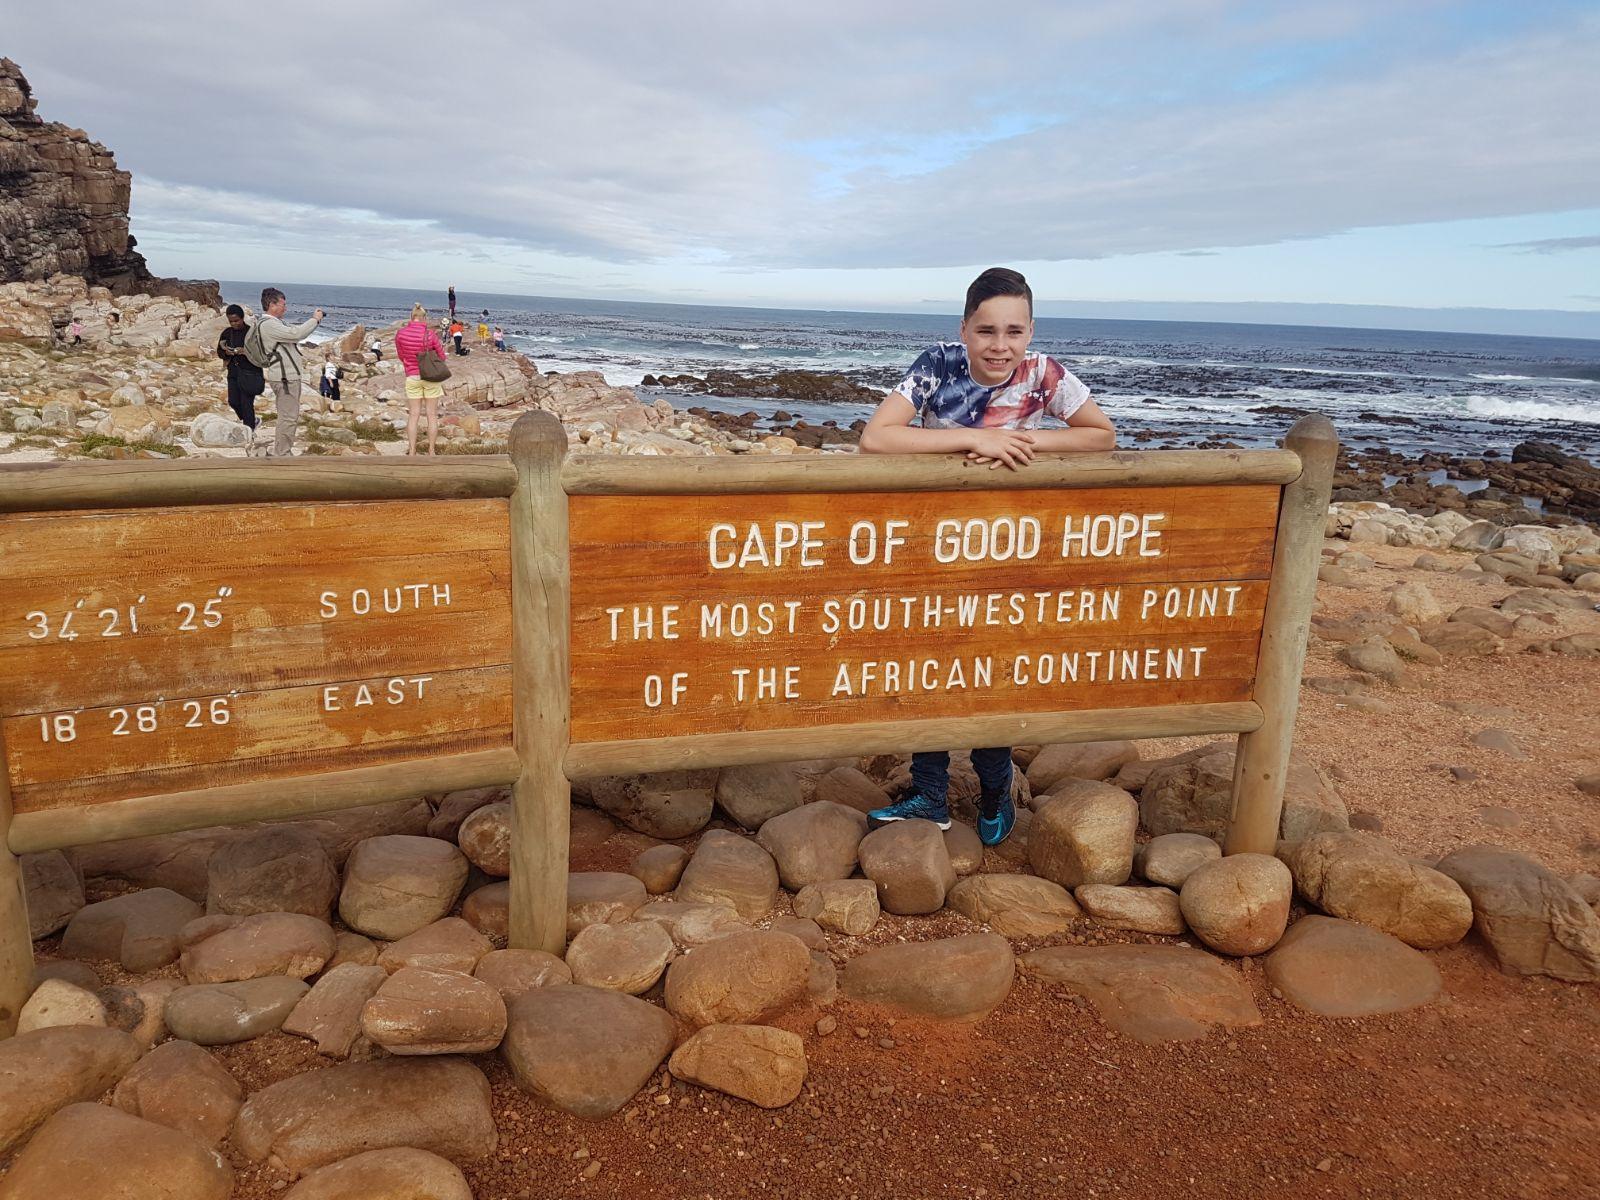 Een kindvriendelijke vakantie in Zuid-Afrika - kinderen, Kaap de Goede Hoop, Kaapstad, Zuid Afrika